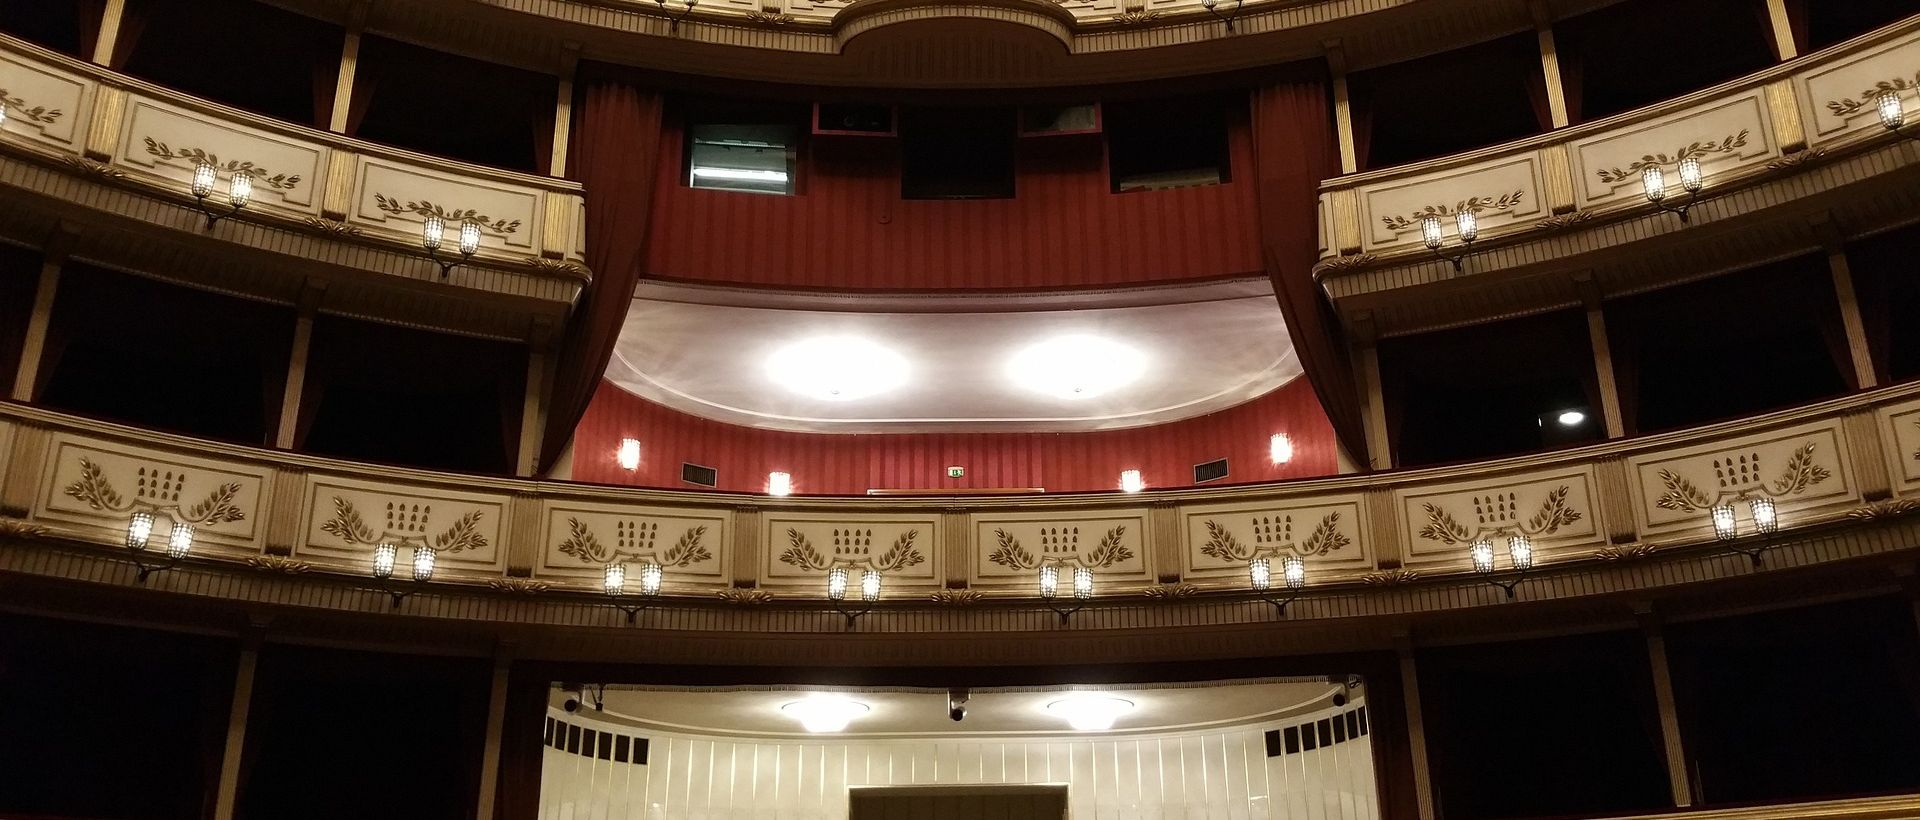 Tradicionalni bečki Opernball bit će u znaku 150. jubileja bečke opere